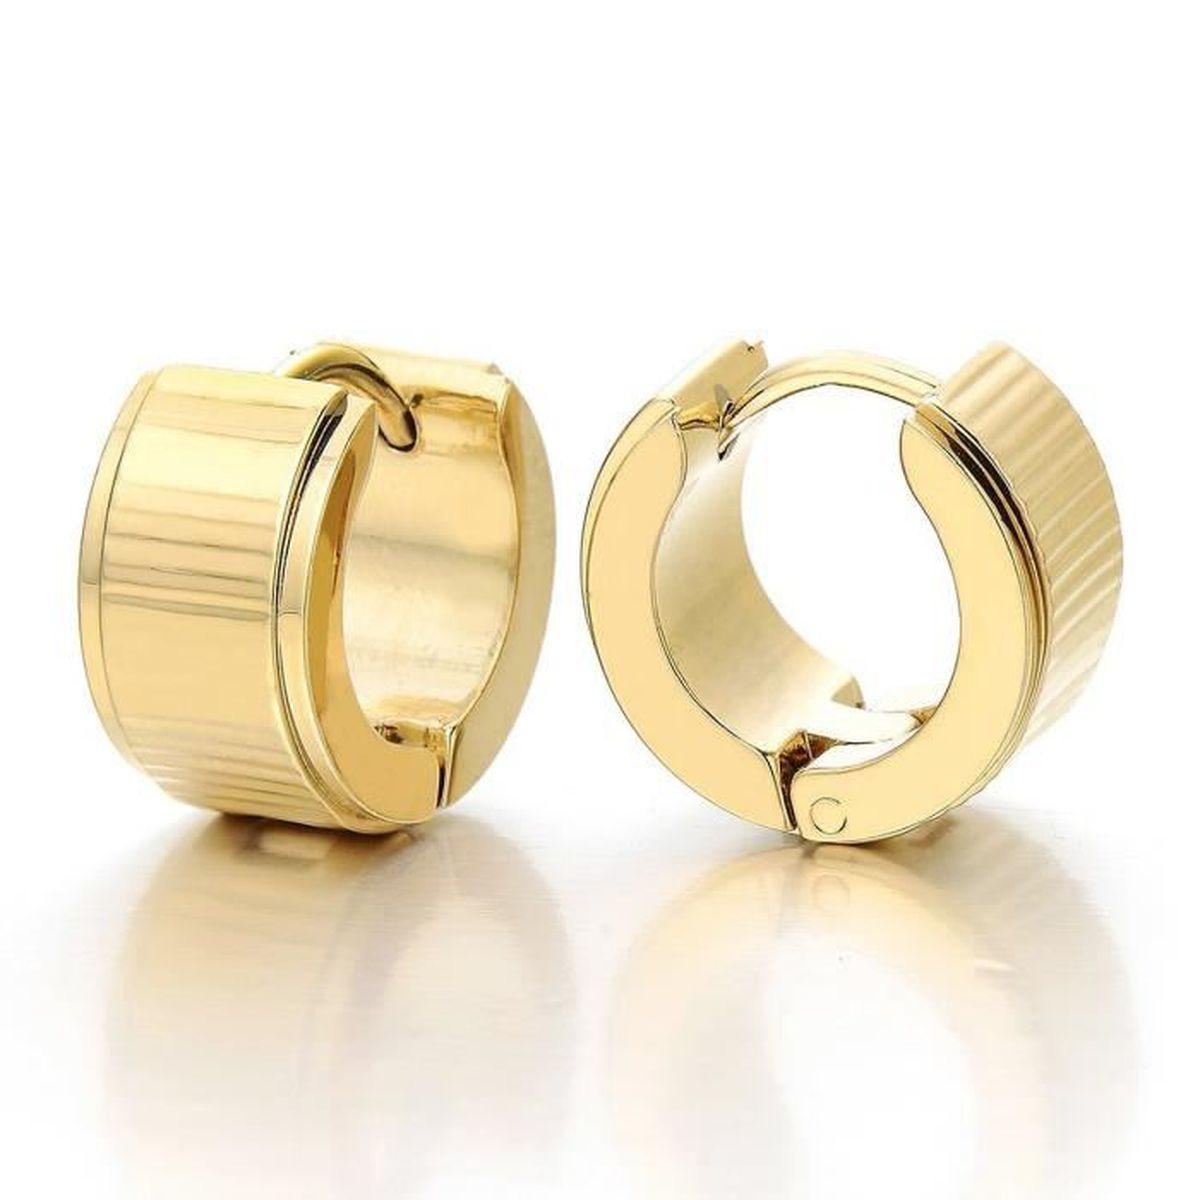 Couleur dor Cercle Perle Non-Piercing Clip-On Anneau Boucle doreille Charni/ère Cr/éoles Homme Femme Acier 1 paire